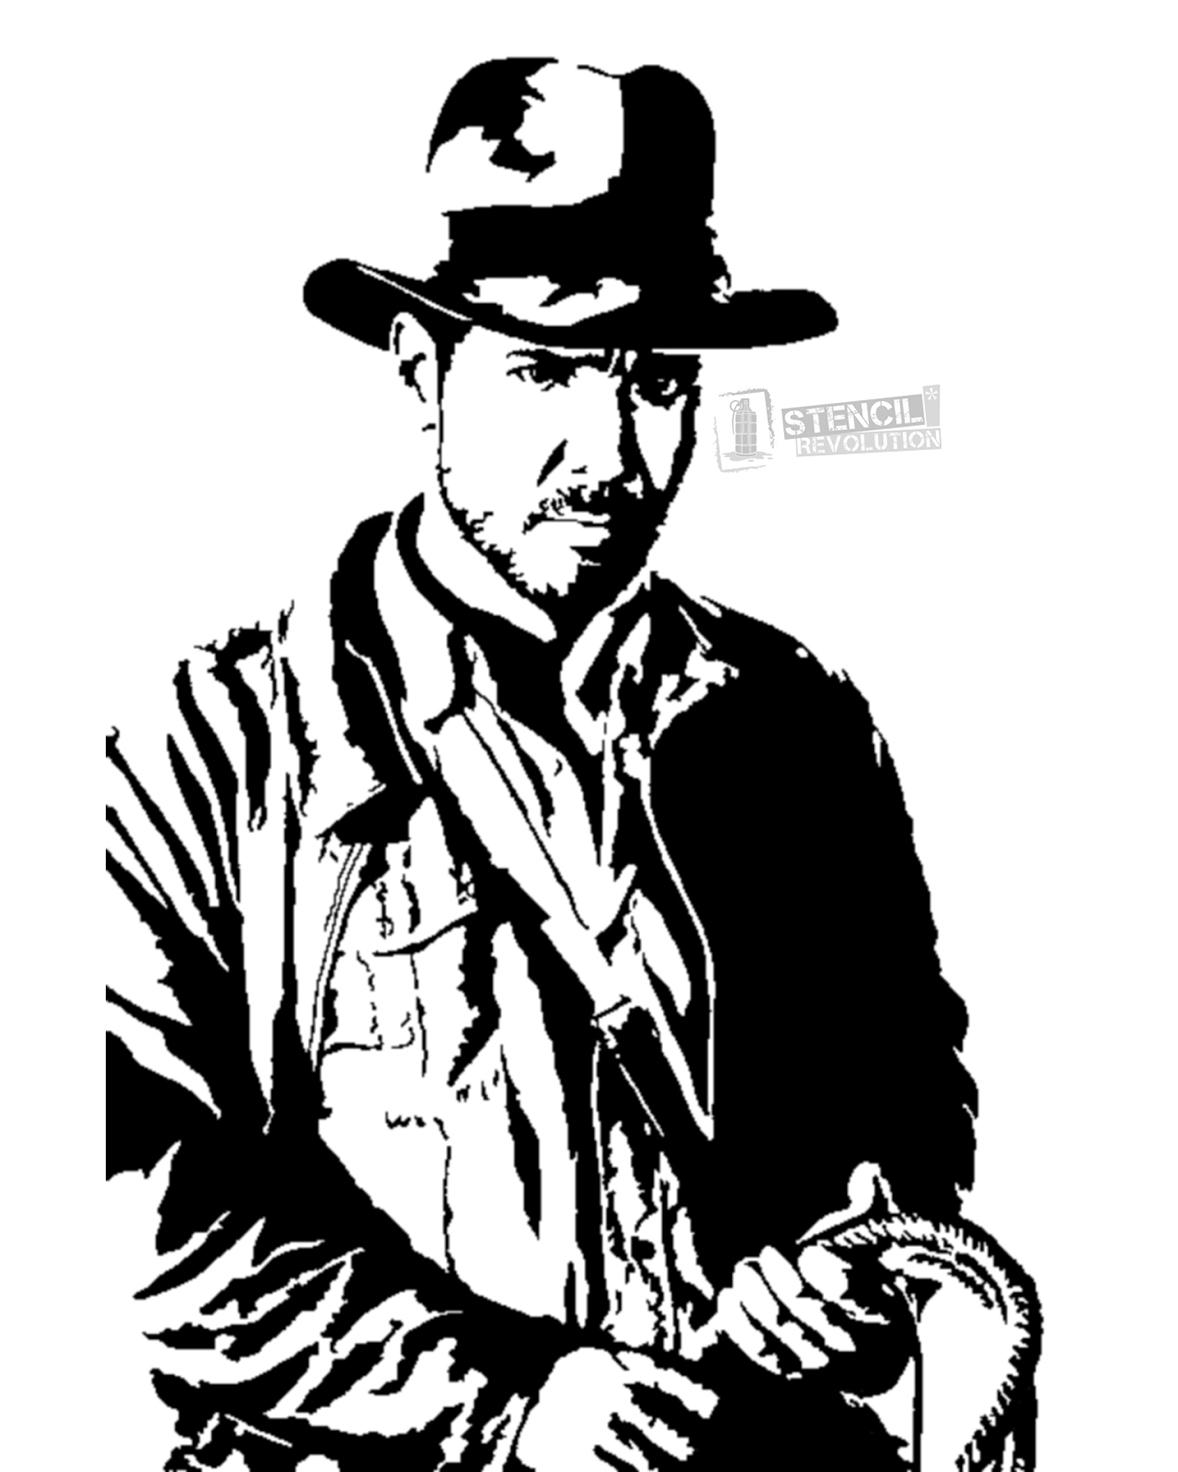 1178x1472 Indiana Jones Stencils Printable Stencils, Stenciling